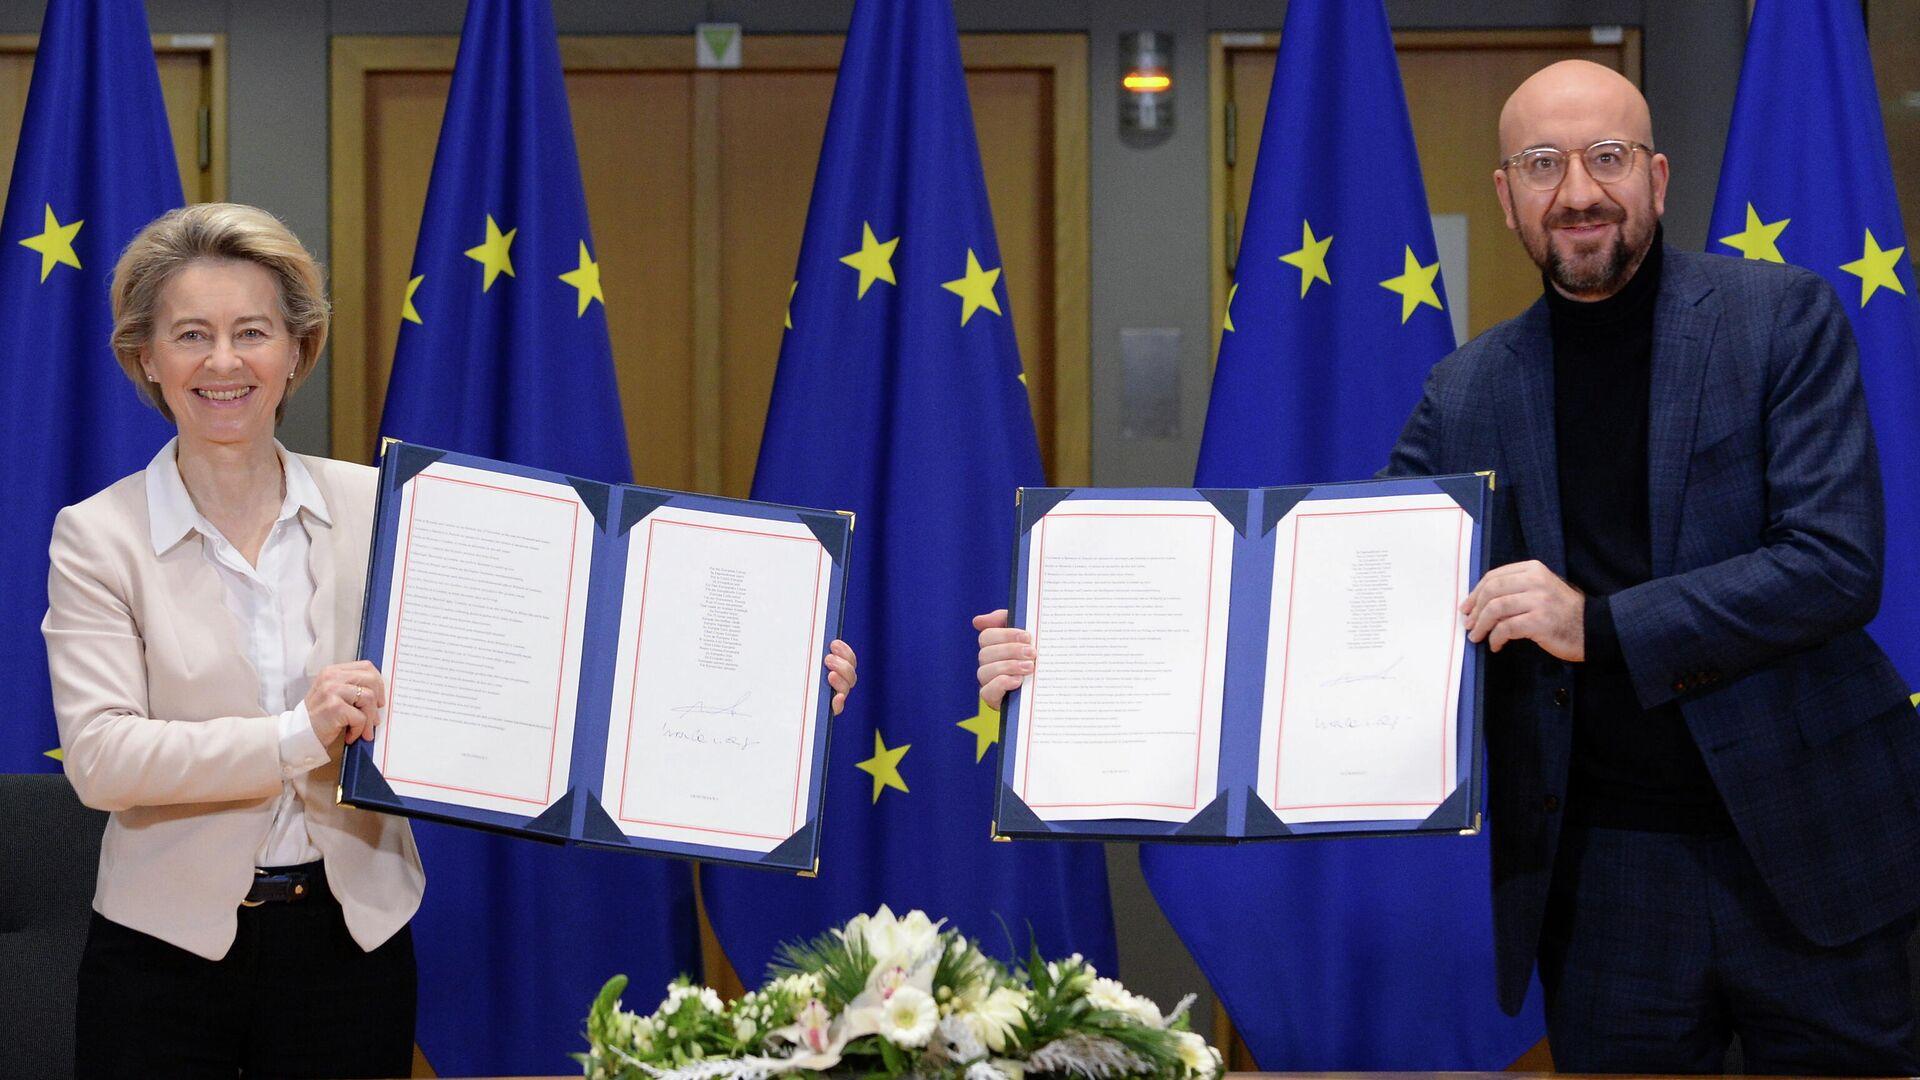 Президент Европейской комиссии Урсула фон дер Ляйен и президент Европейского совета Шарль Мишель после подписания торгового соглашения по Brexit в Брюсселе - РИА Новости, 1920, 17.01.2021